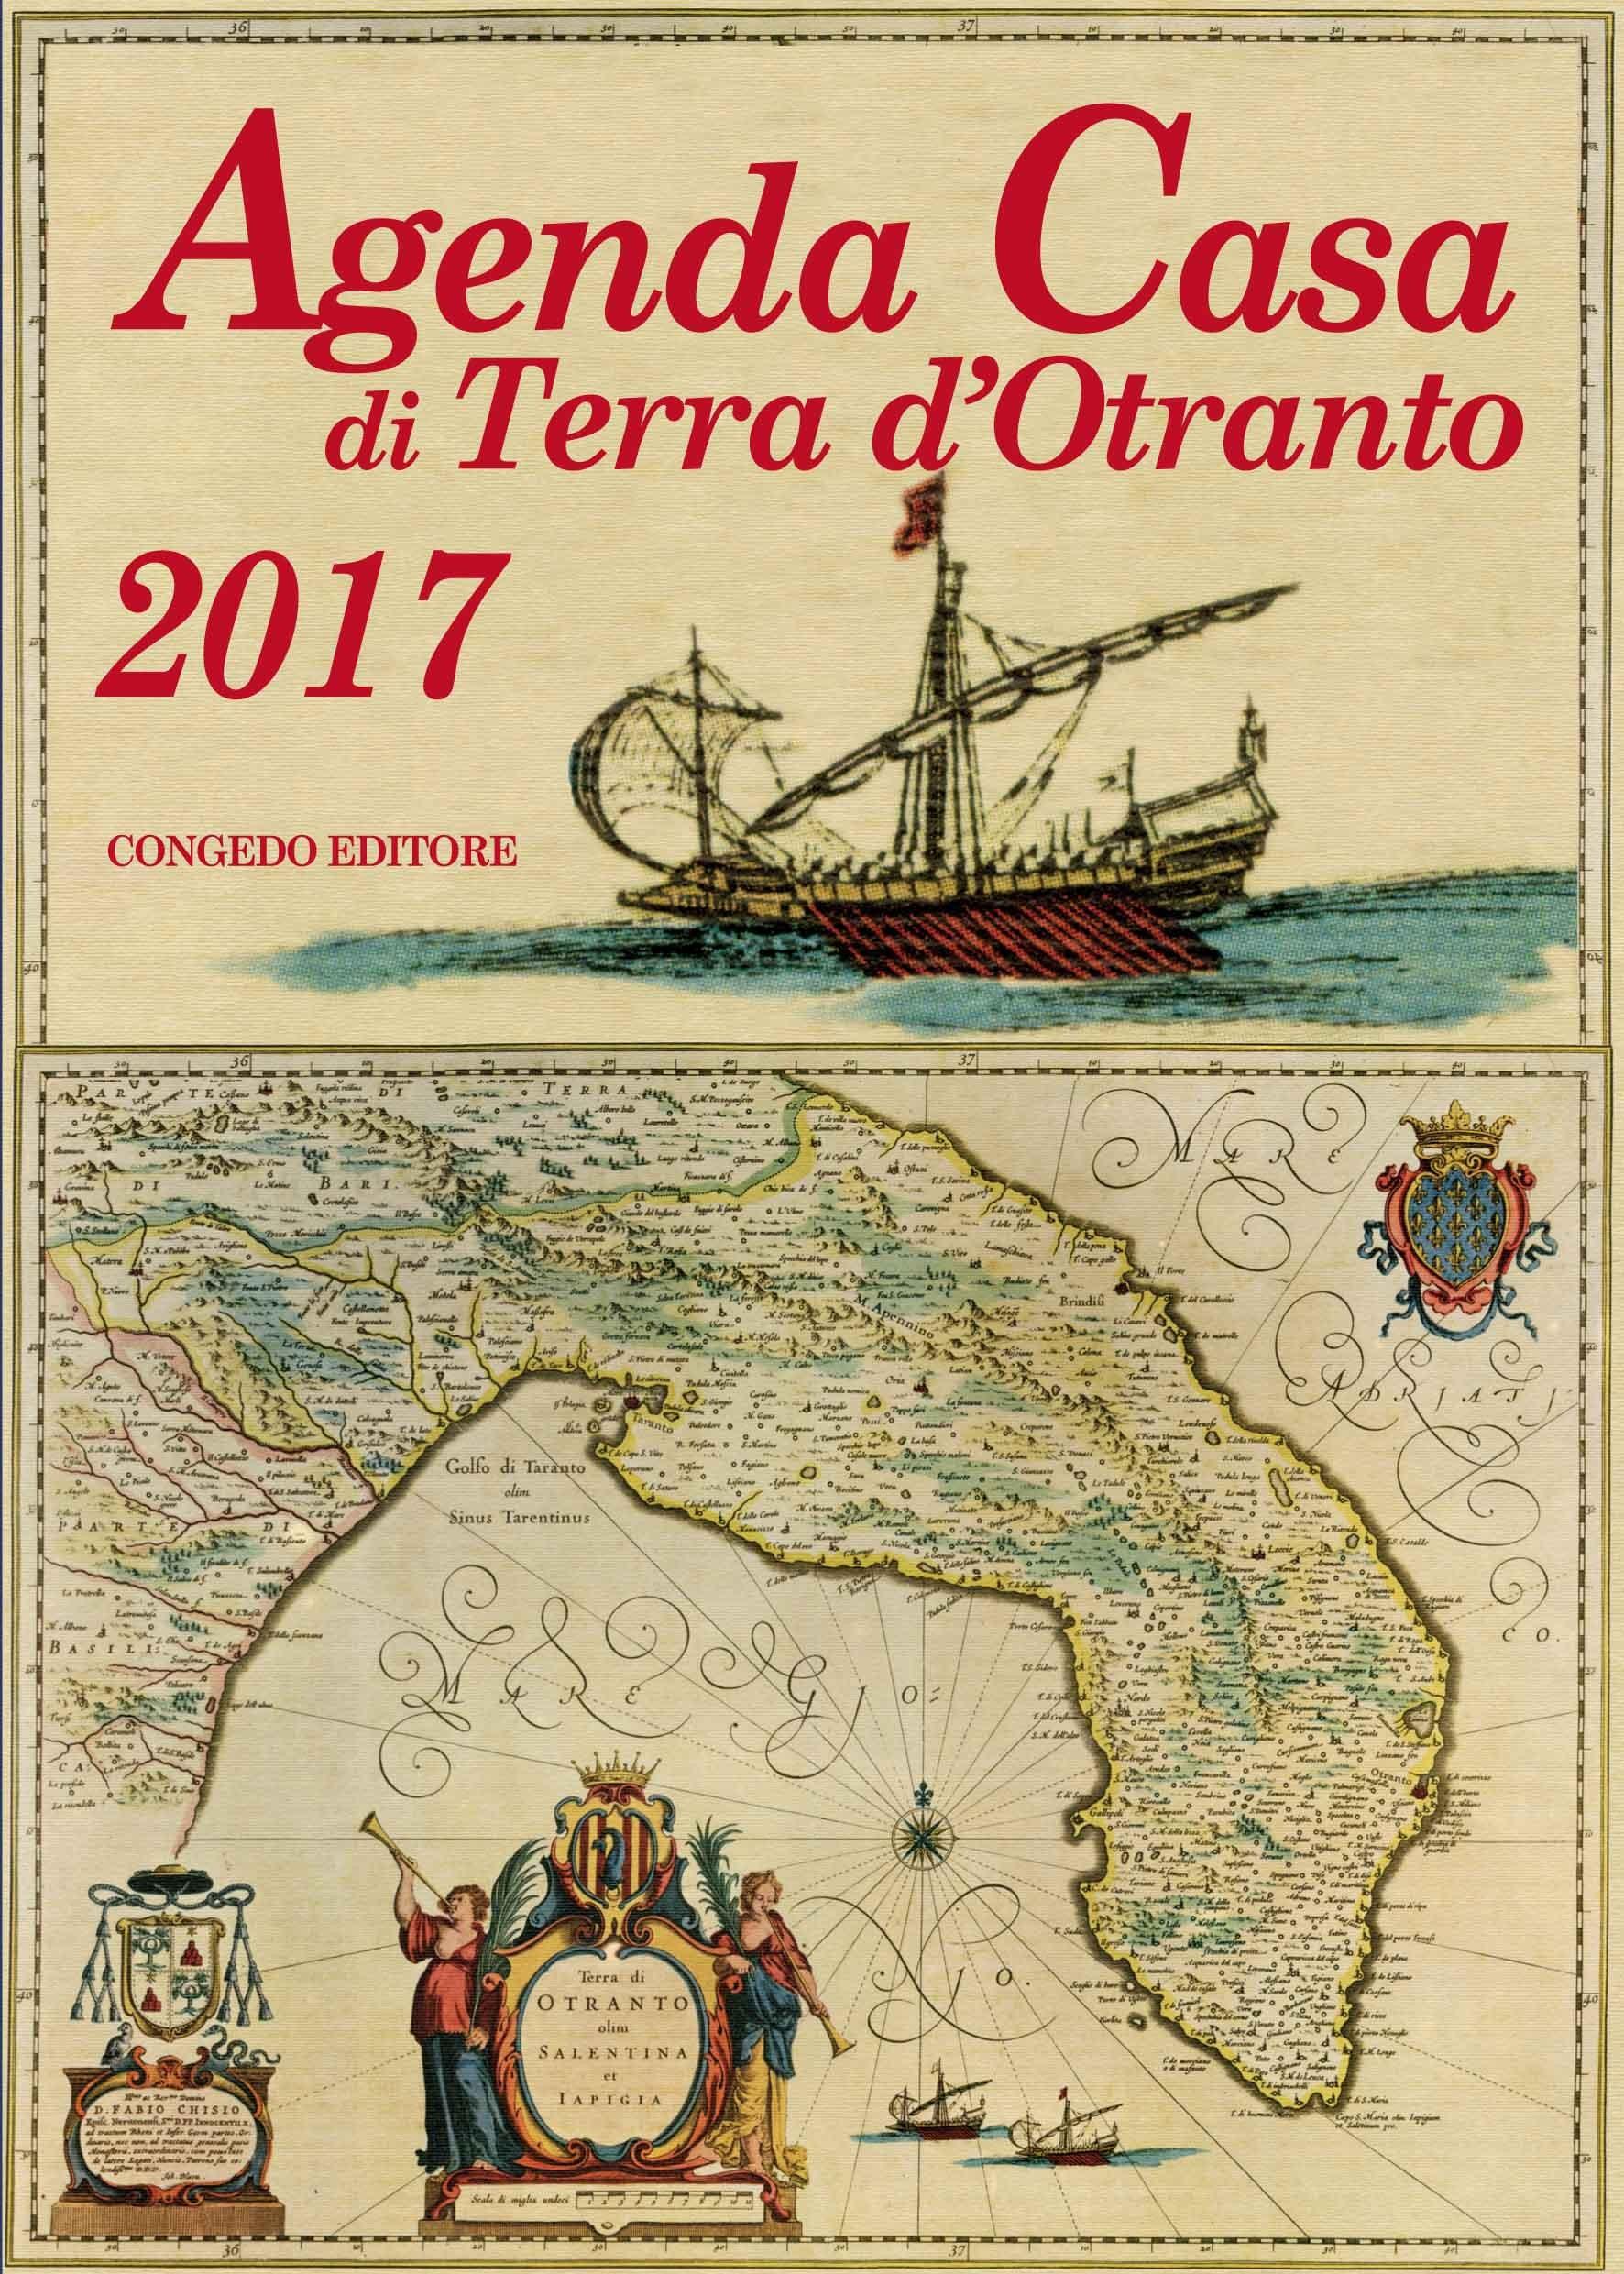 Agenda Casa di Terra d'Otranto 2017